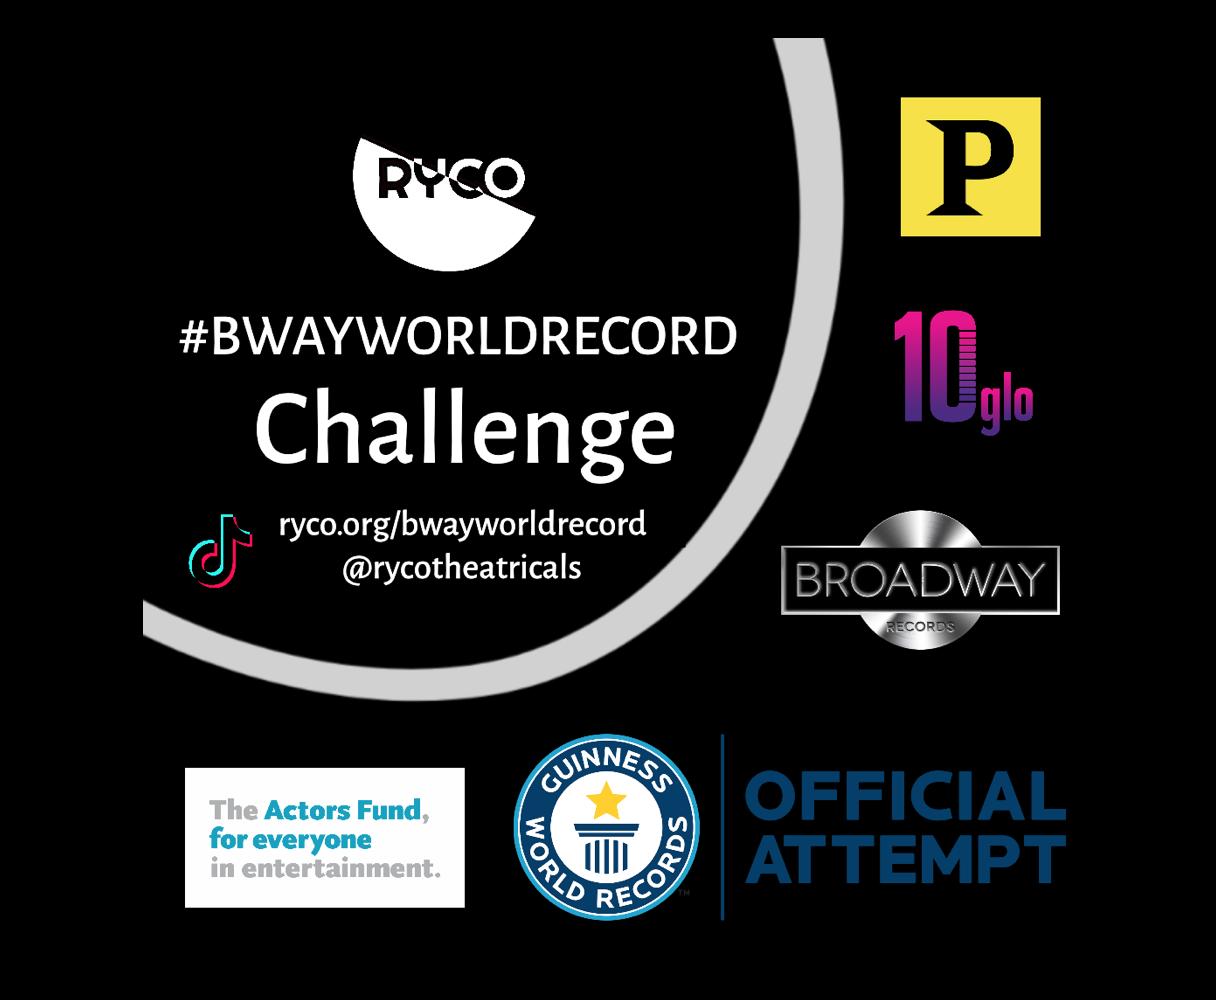 #BWAYWORLDRECORD Challenge